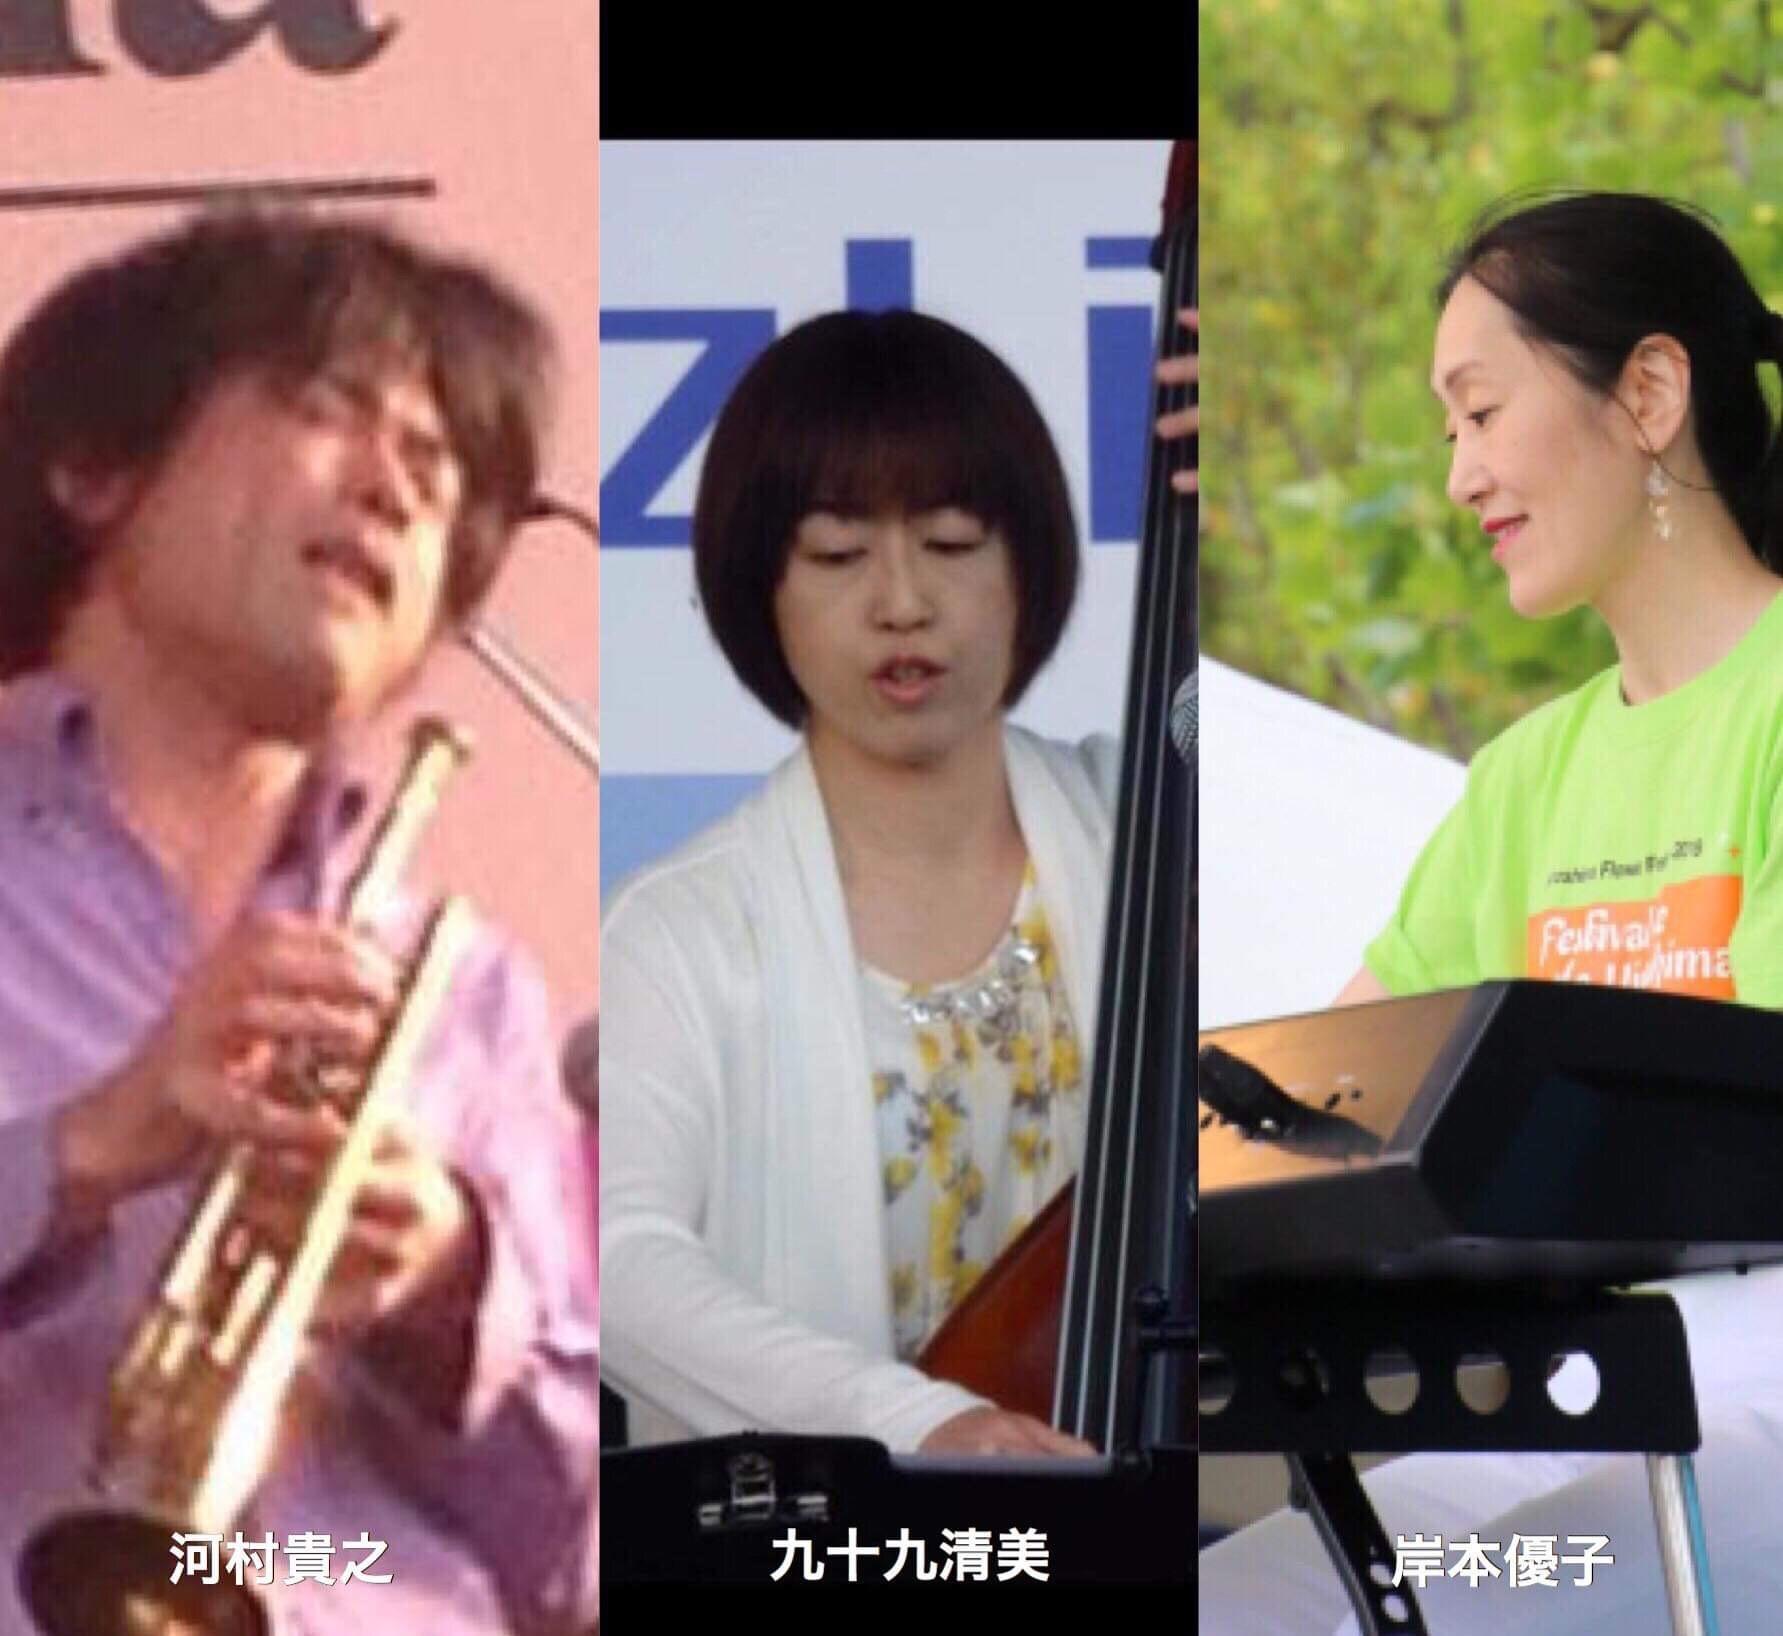 広島 Jazzlive Cominジャズライブカミン   本日土曜日のライブ_b0115606_12292131.jpeg